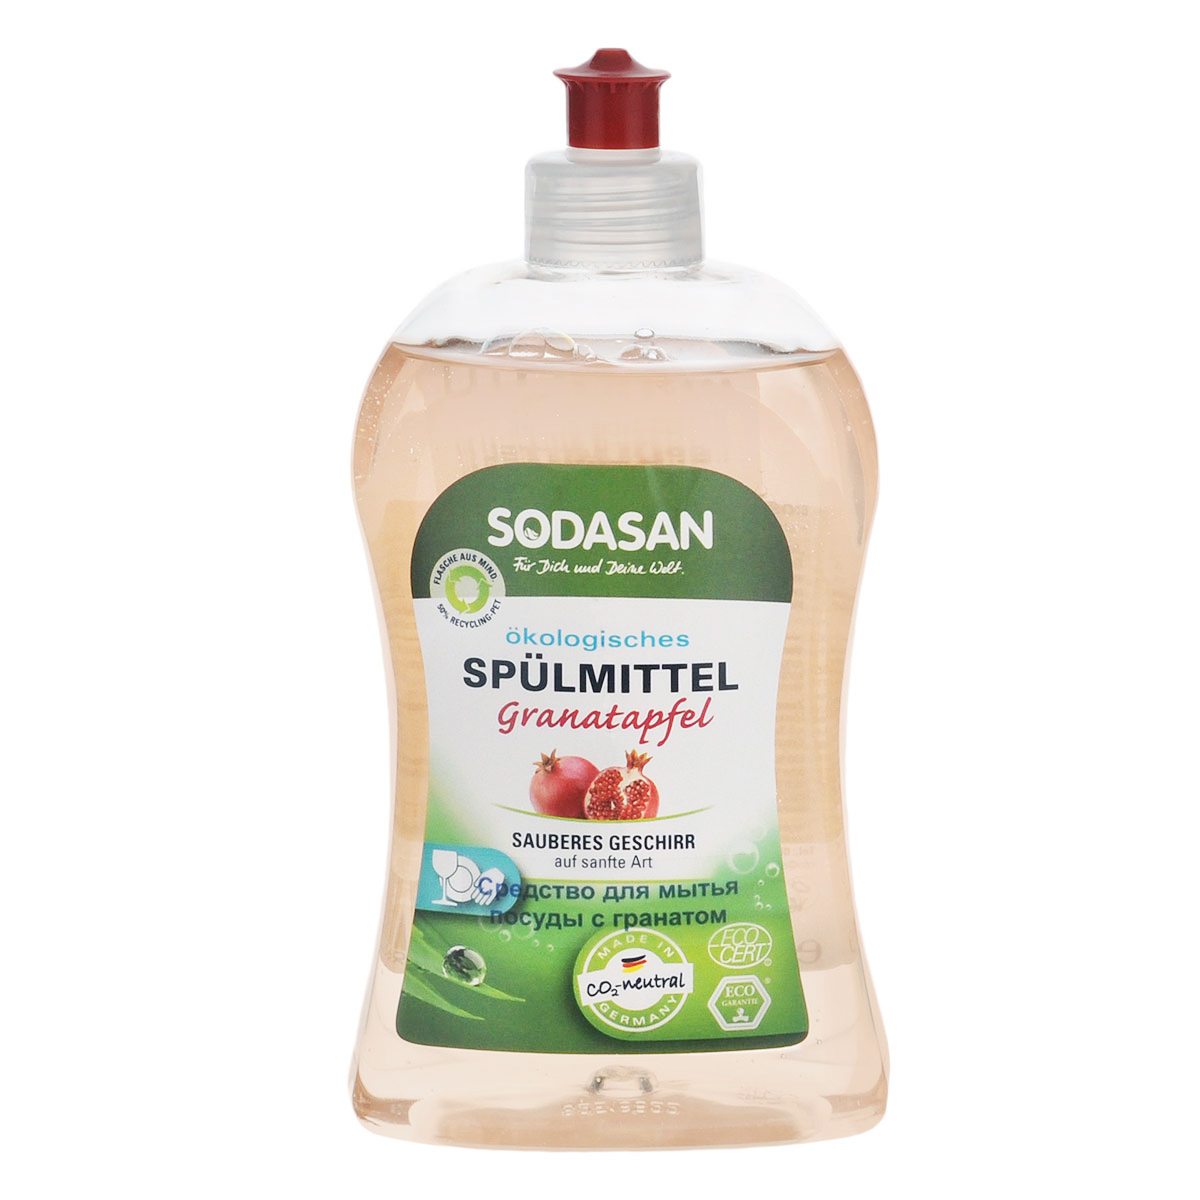 Жидкое средство Sodasan для мытья посуды, с запахом граната, 500 мл жидкое мыло sodasan пряный апельсин 250 мл